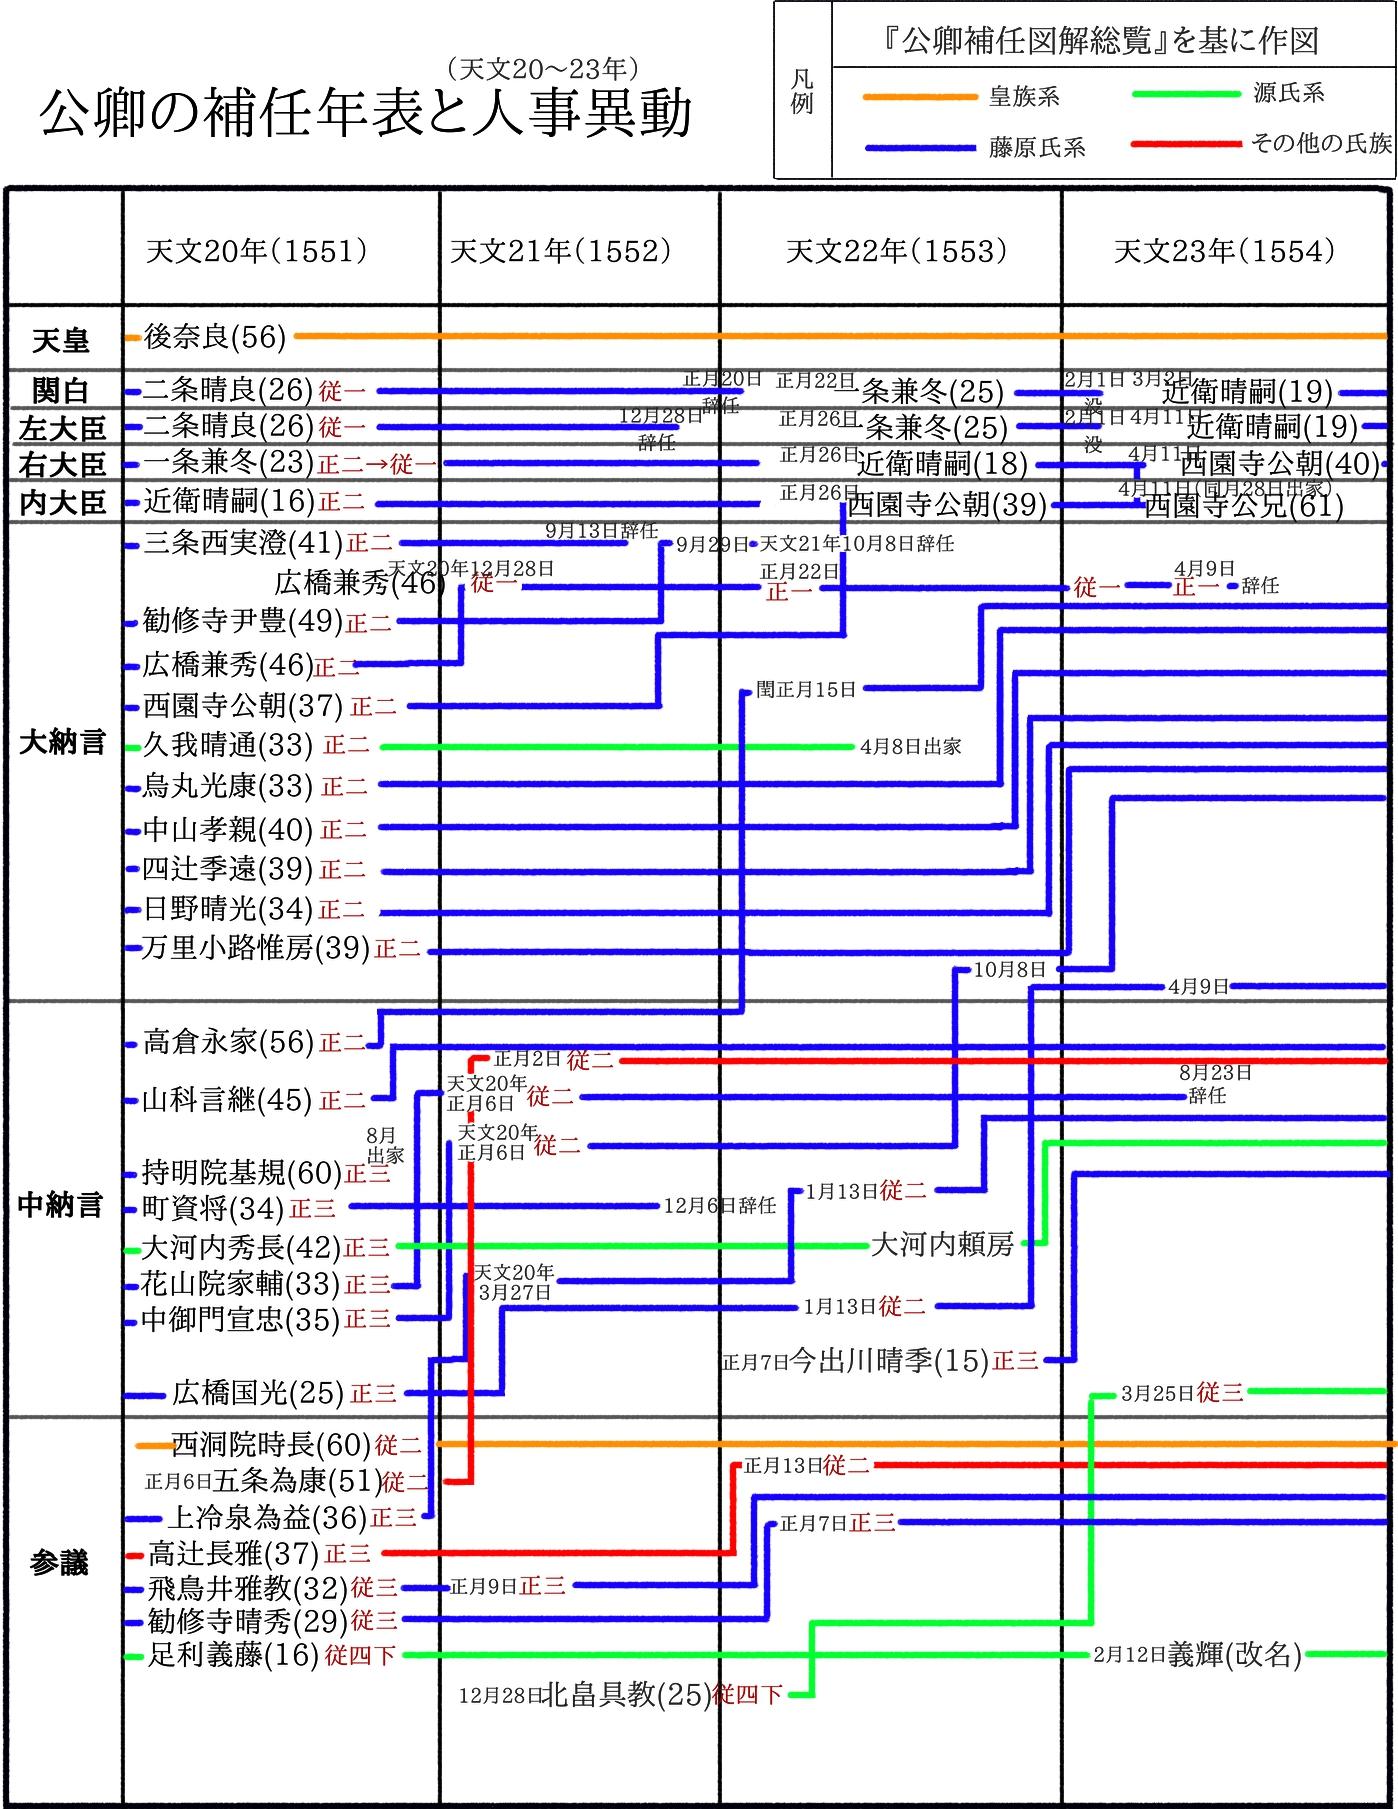 公卿の補任年表と人事異動(天文20~23年)